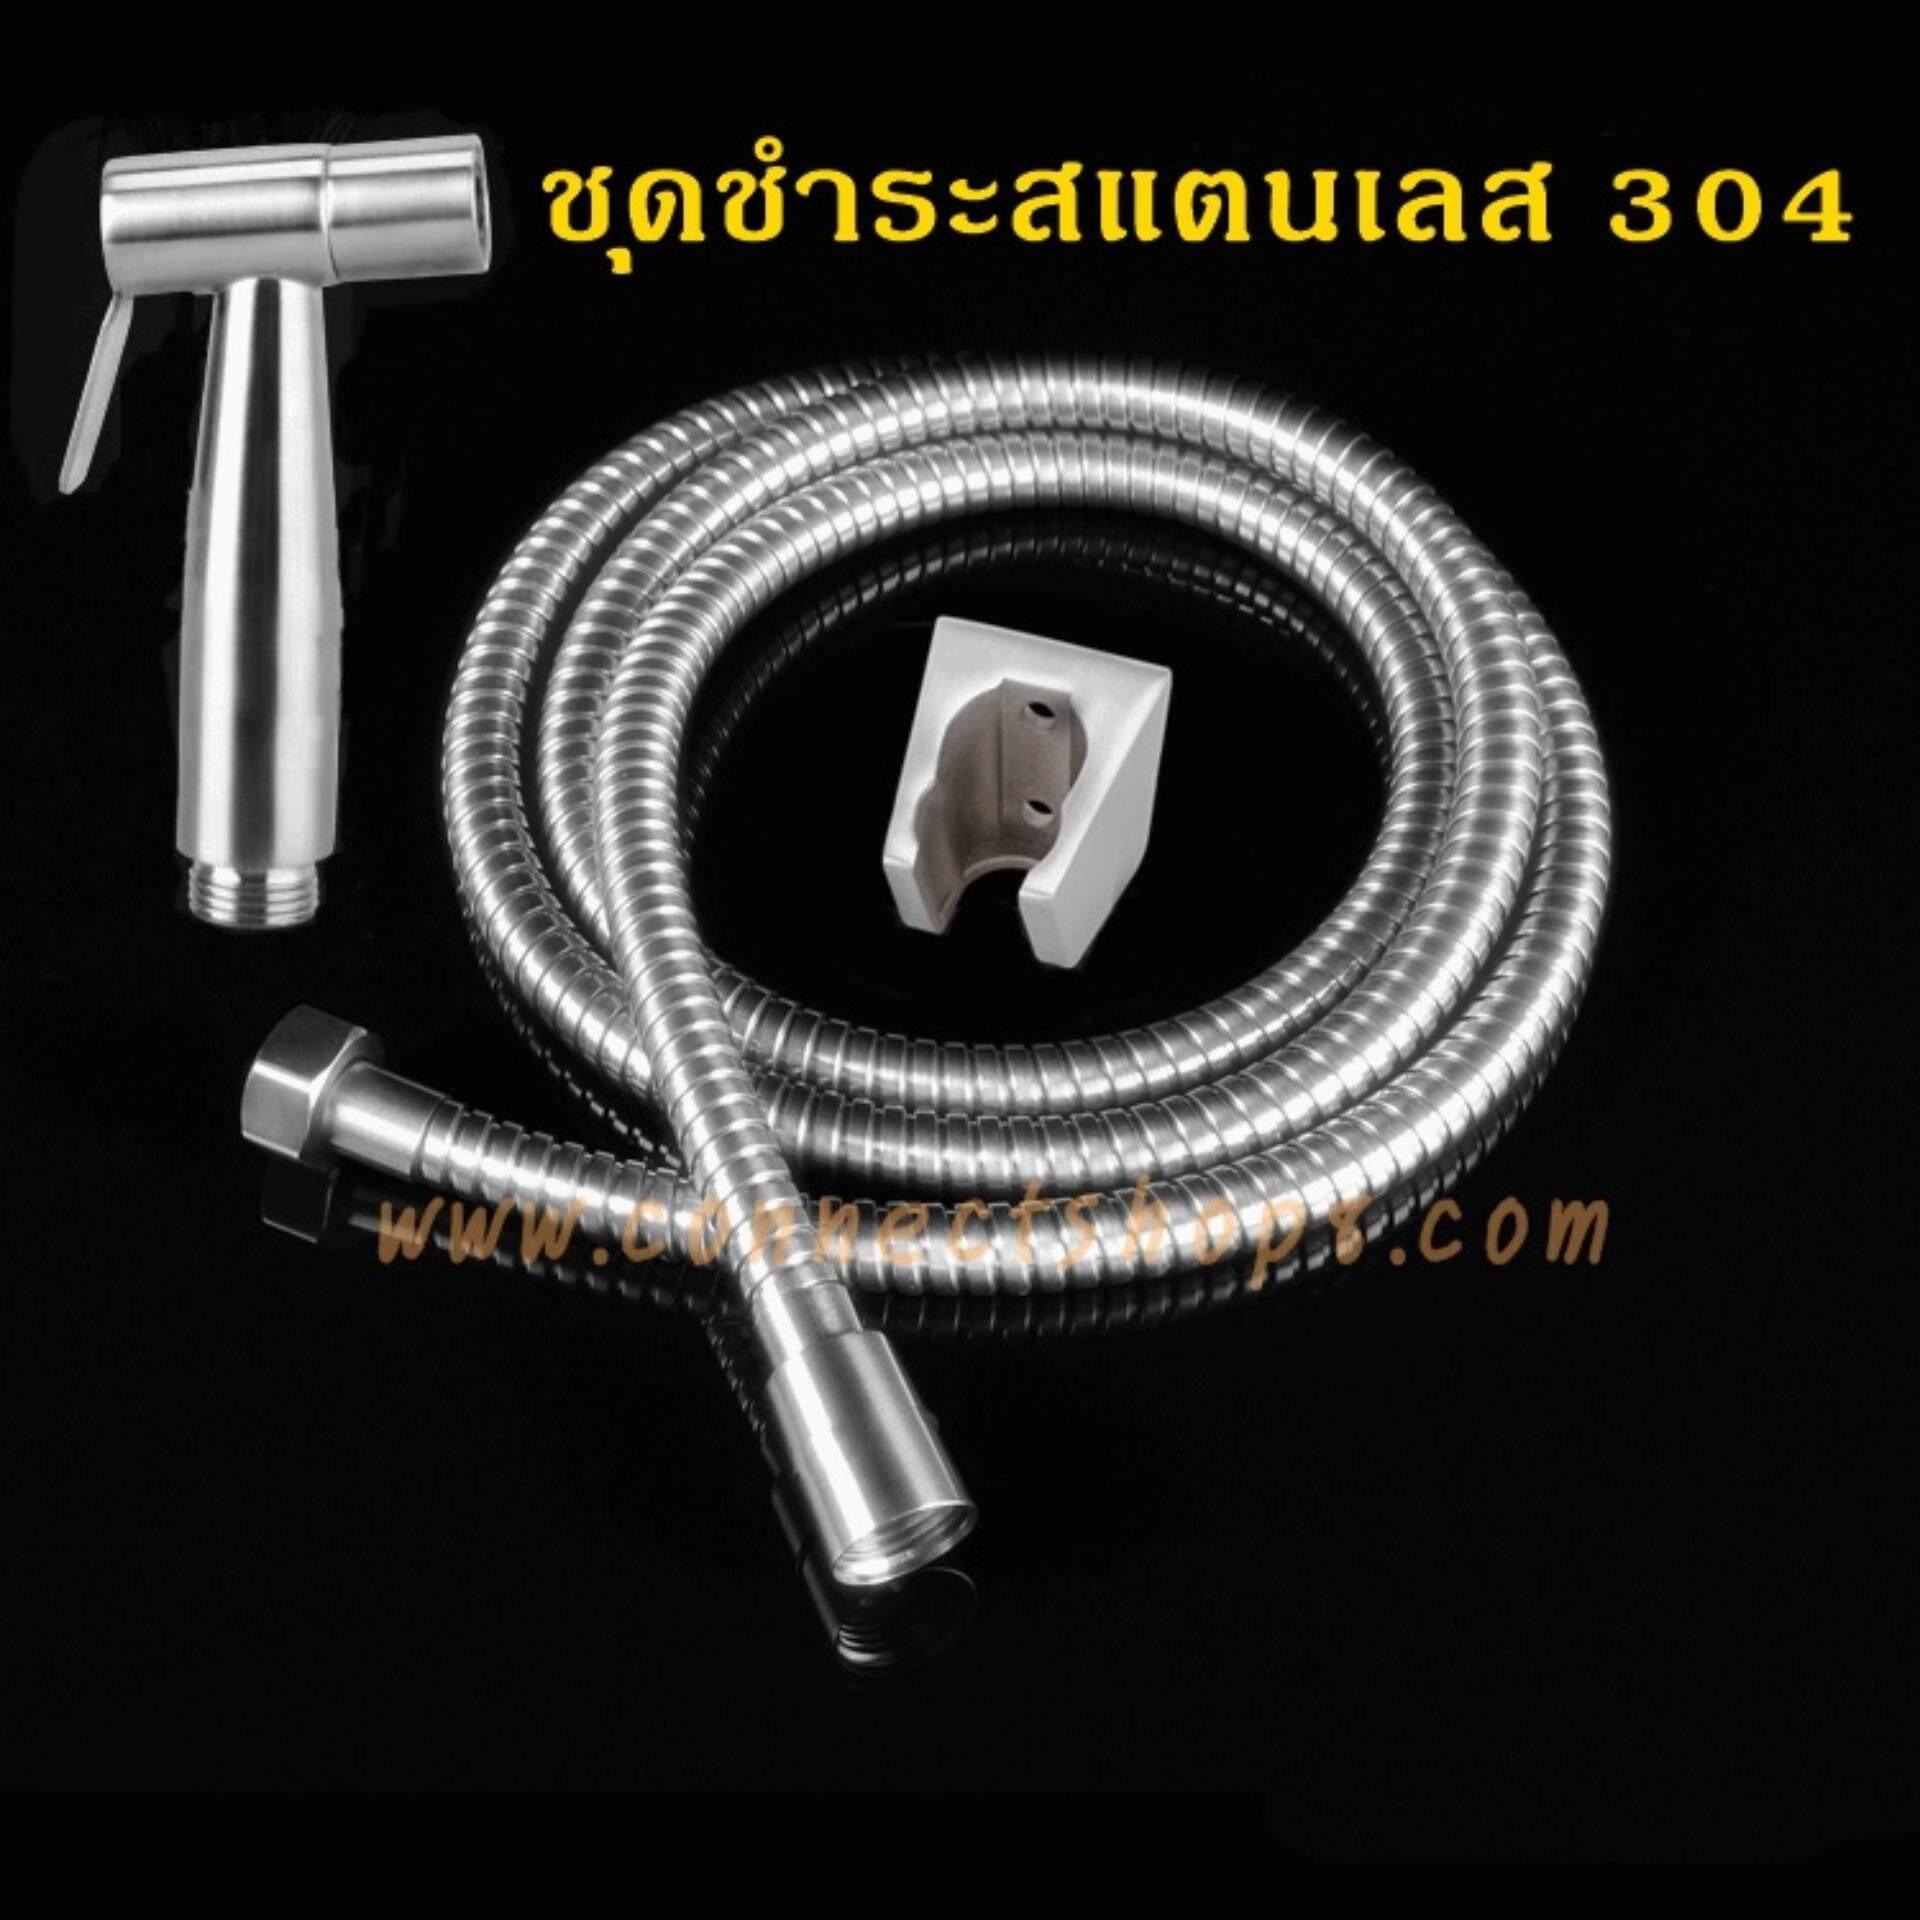 ซื้อ Connect ชุดชำระสแตนเลส 304 ไม่เป็นสนิม Connect เป็นต้นฉบับ